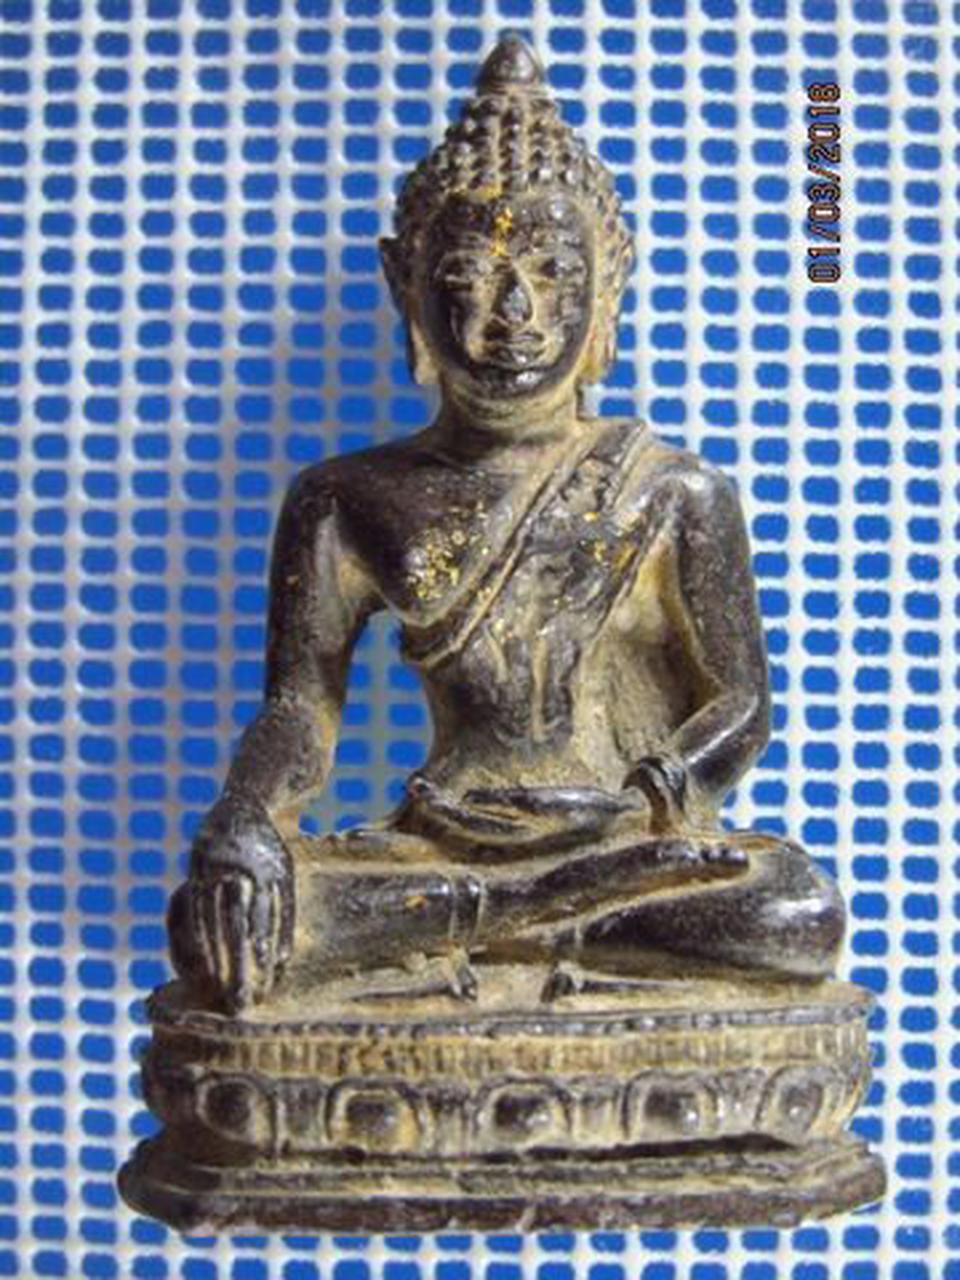 5131 พระบูชาเนื้อตะกั่วสนิมแดง ปิดทองเก่า ฐานกว้าง 1.4 นิ้ว  รูปที่ 5